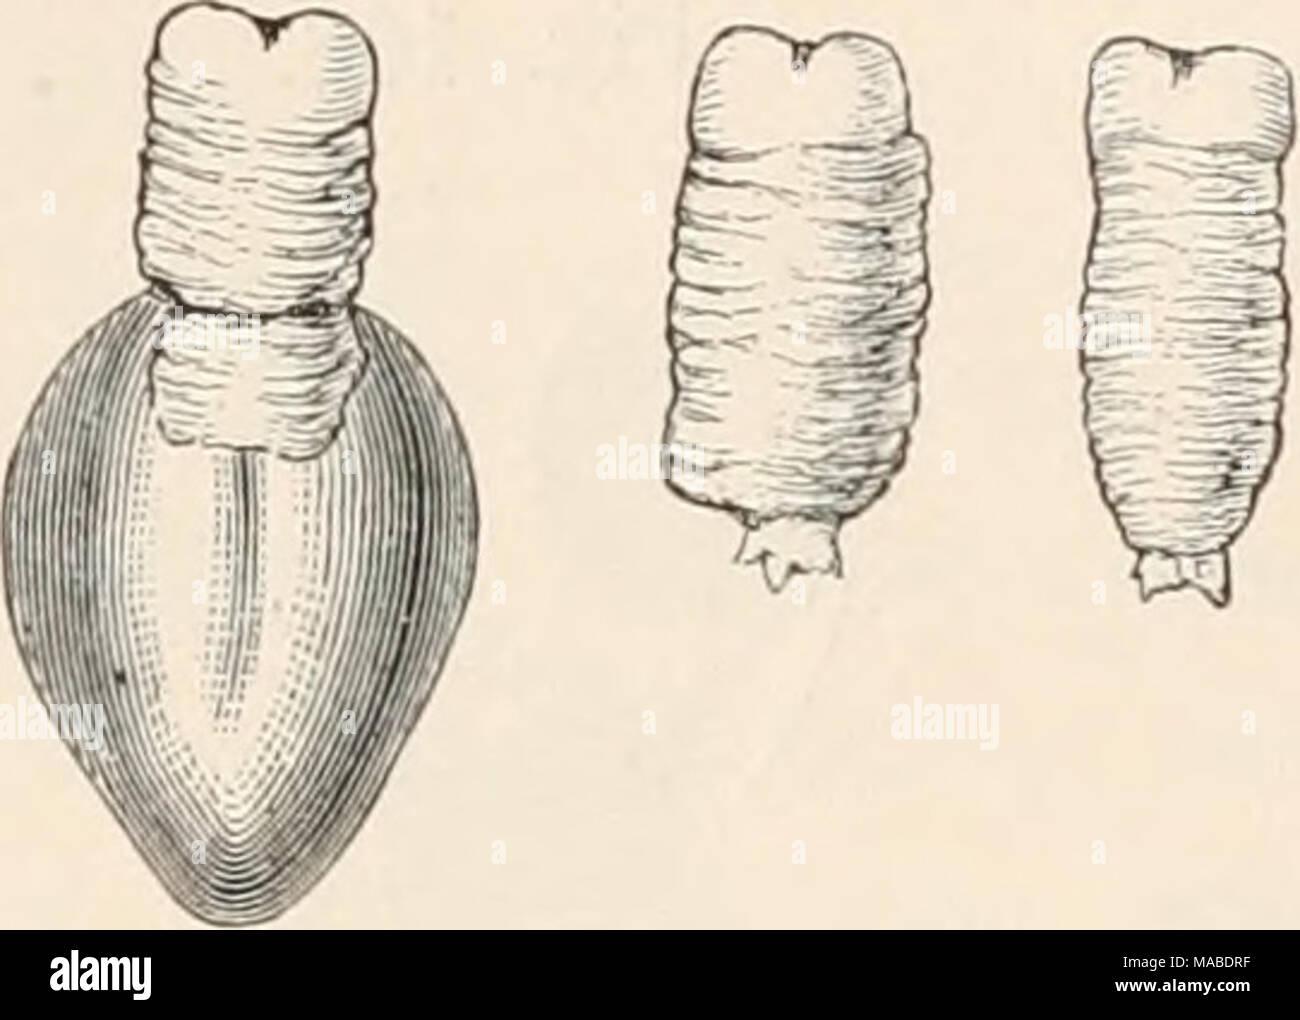 Wunderbar Anatomie Und Physiologie Online Klasse Fotos - Menschliche ...